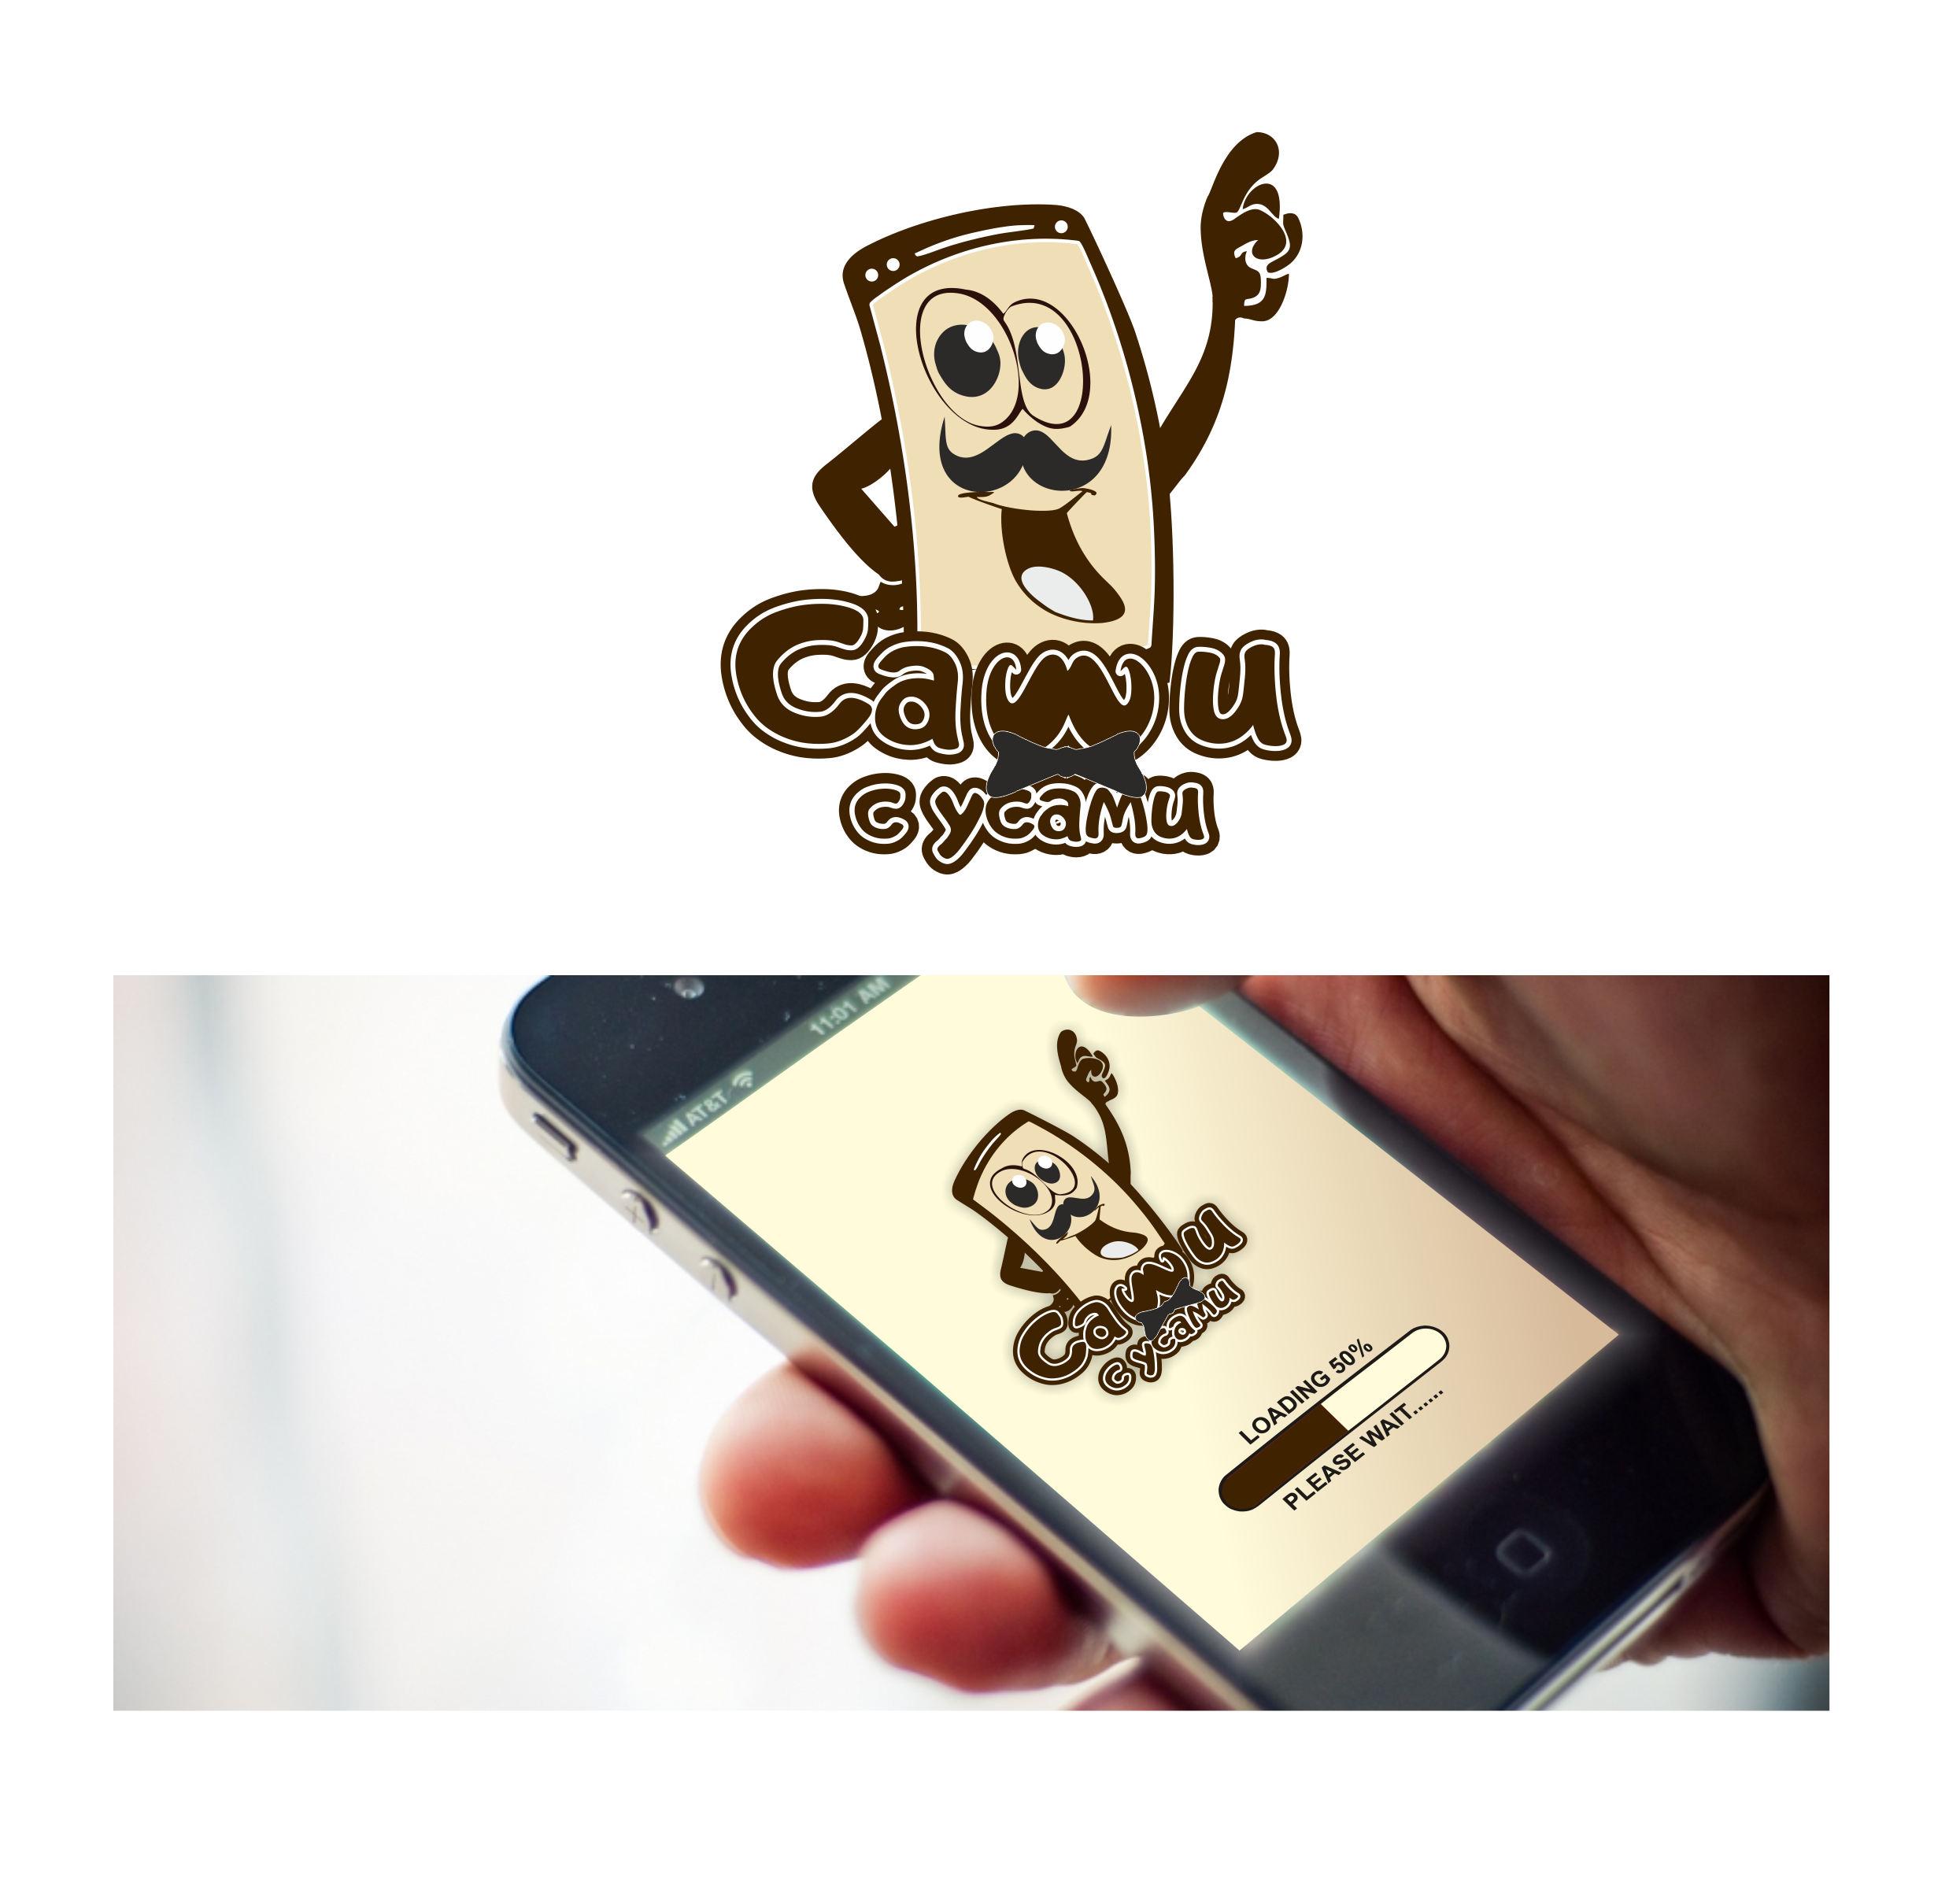 Разработка Логотипа 6 000 руб. фото f_33158f725ecca401.jpg